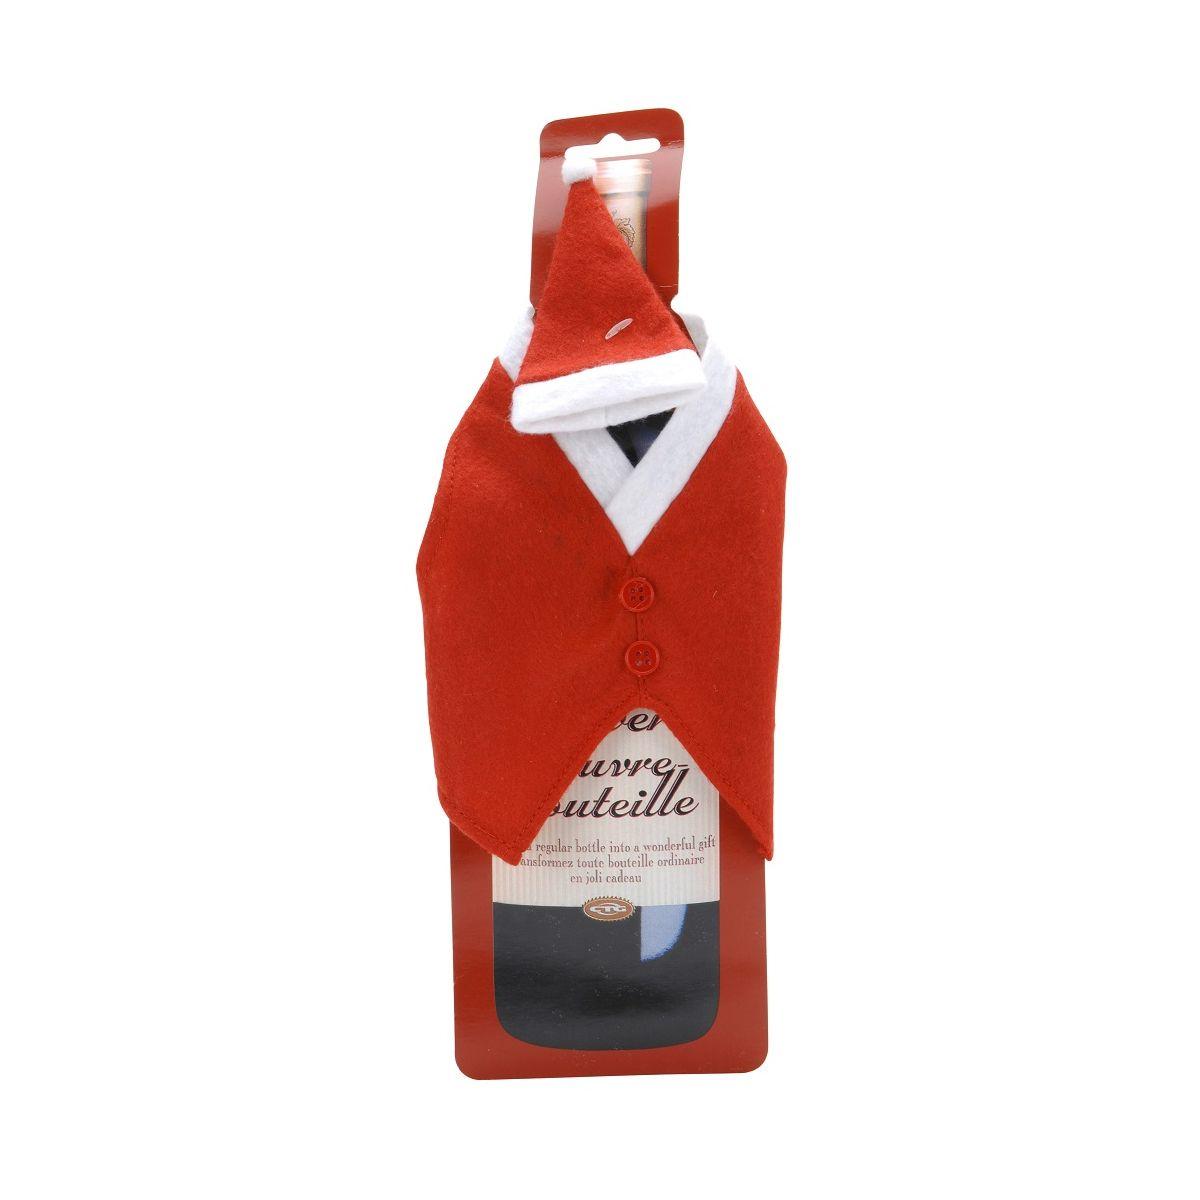 Костюм санты д/винной бутылккикостюм санты для винной бутылкки<br>